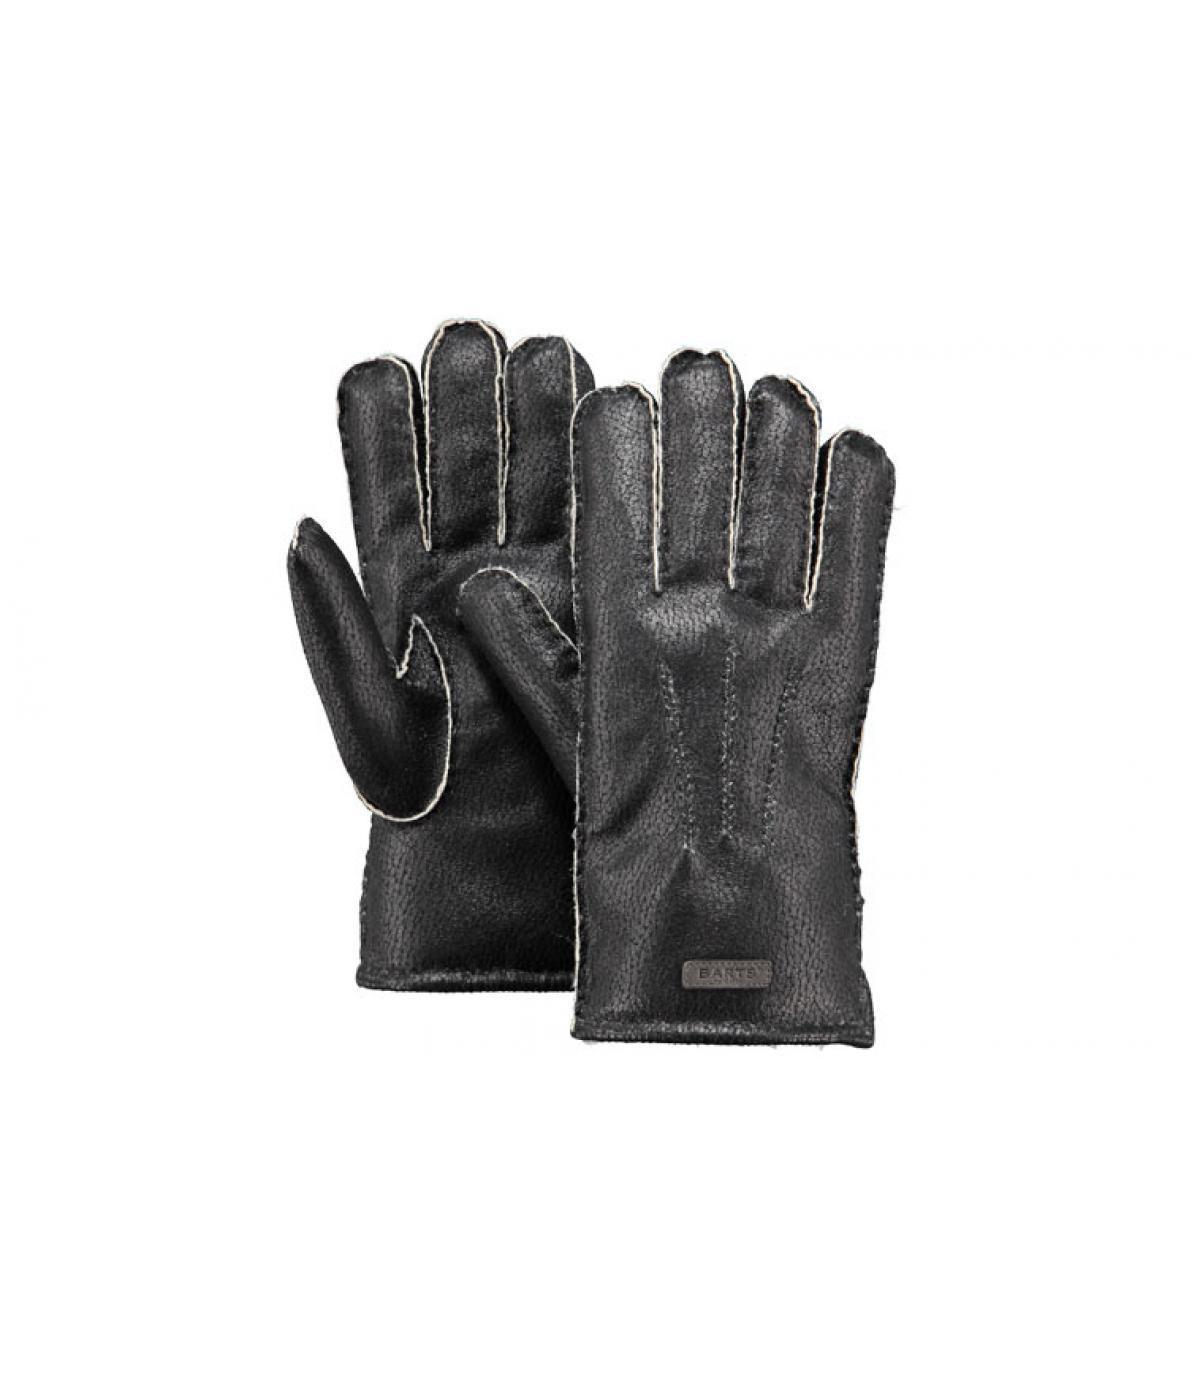 Details Chakku handschoenen heren zwart - afbeeling 3